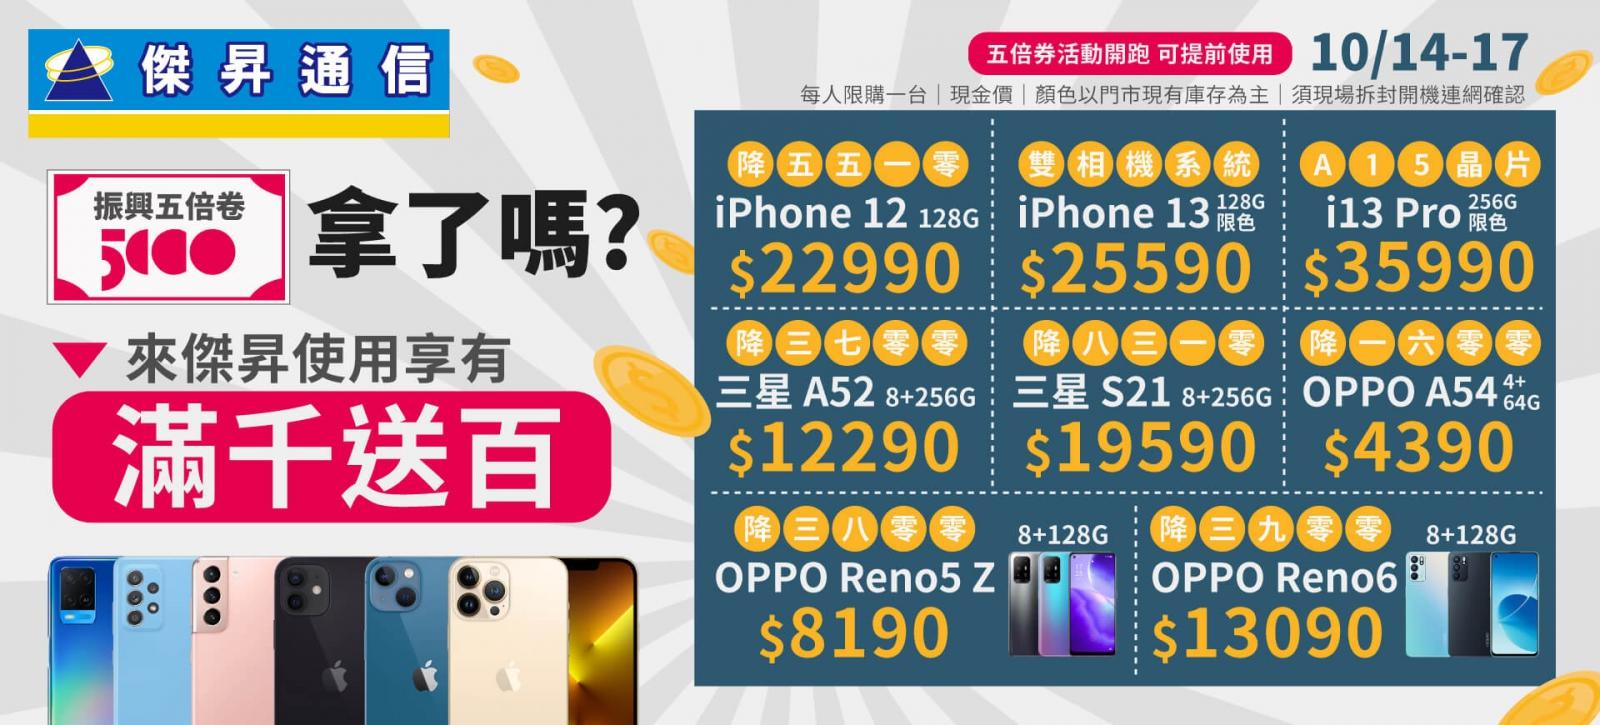 傑昇通信插旗台中 三星Galaxy S21現折8千3